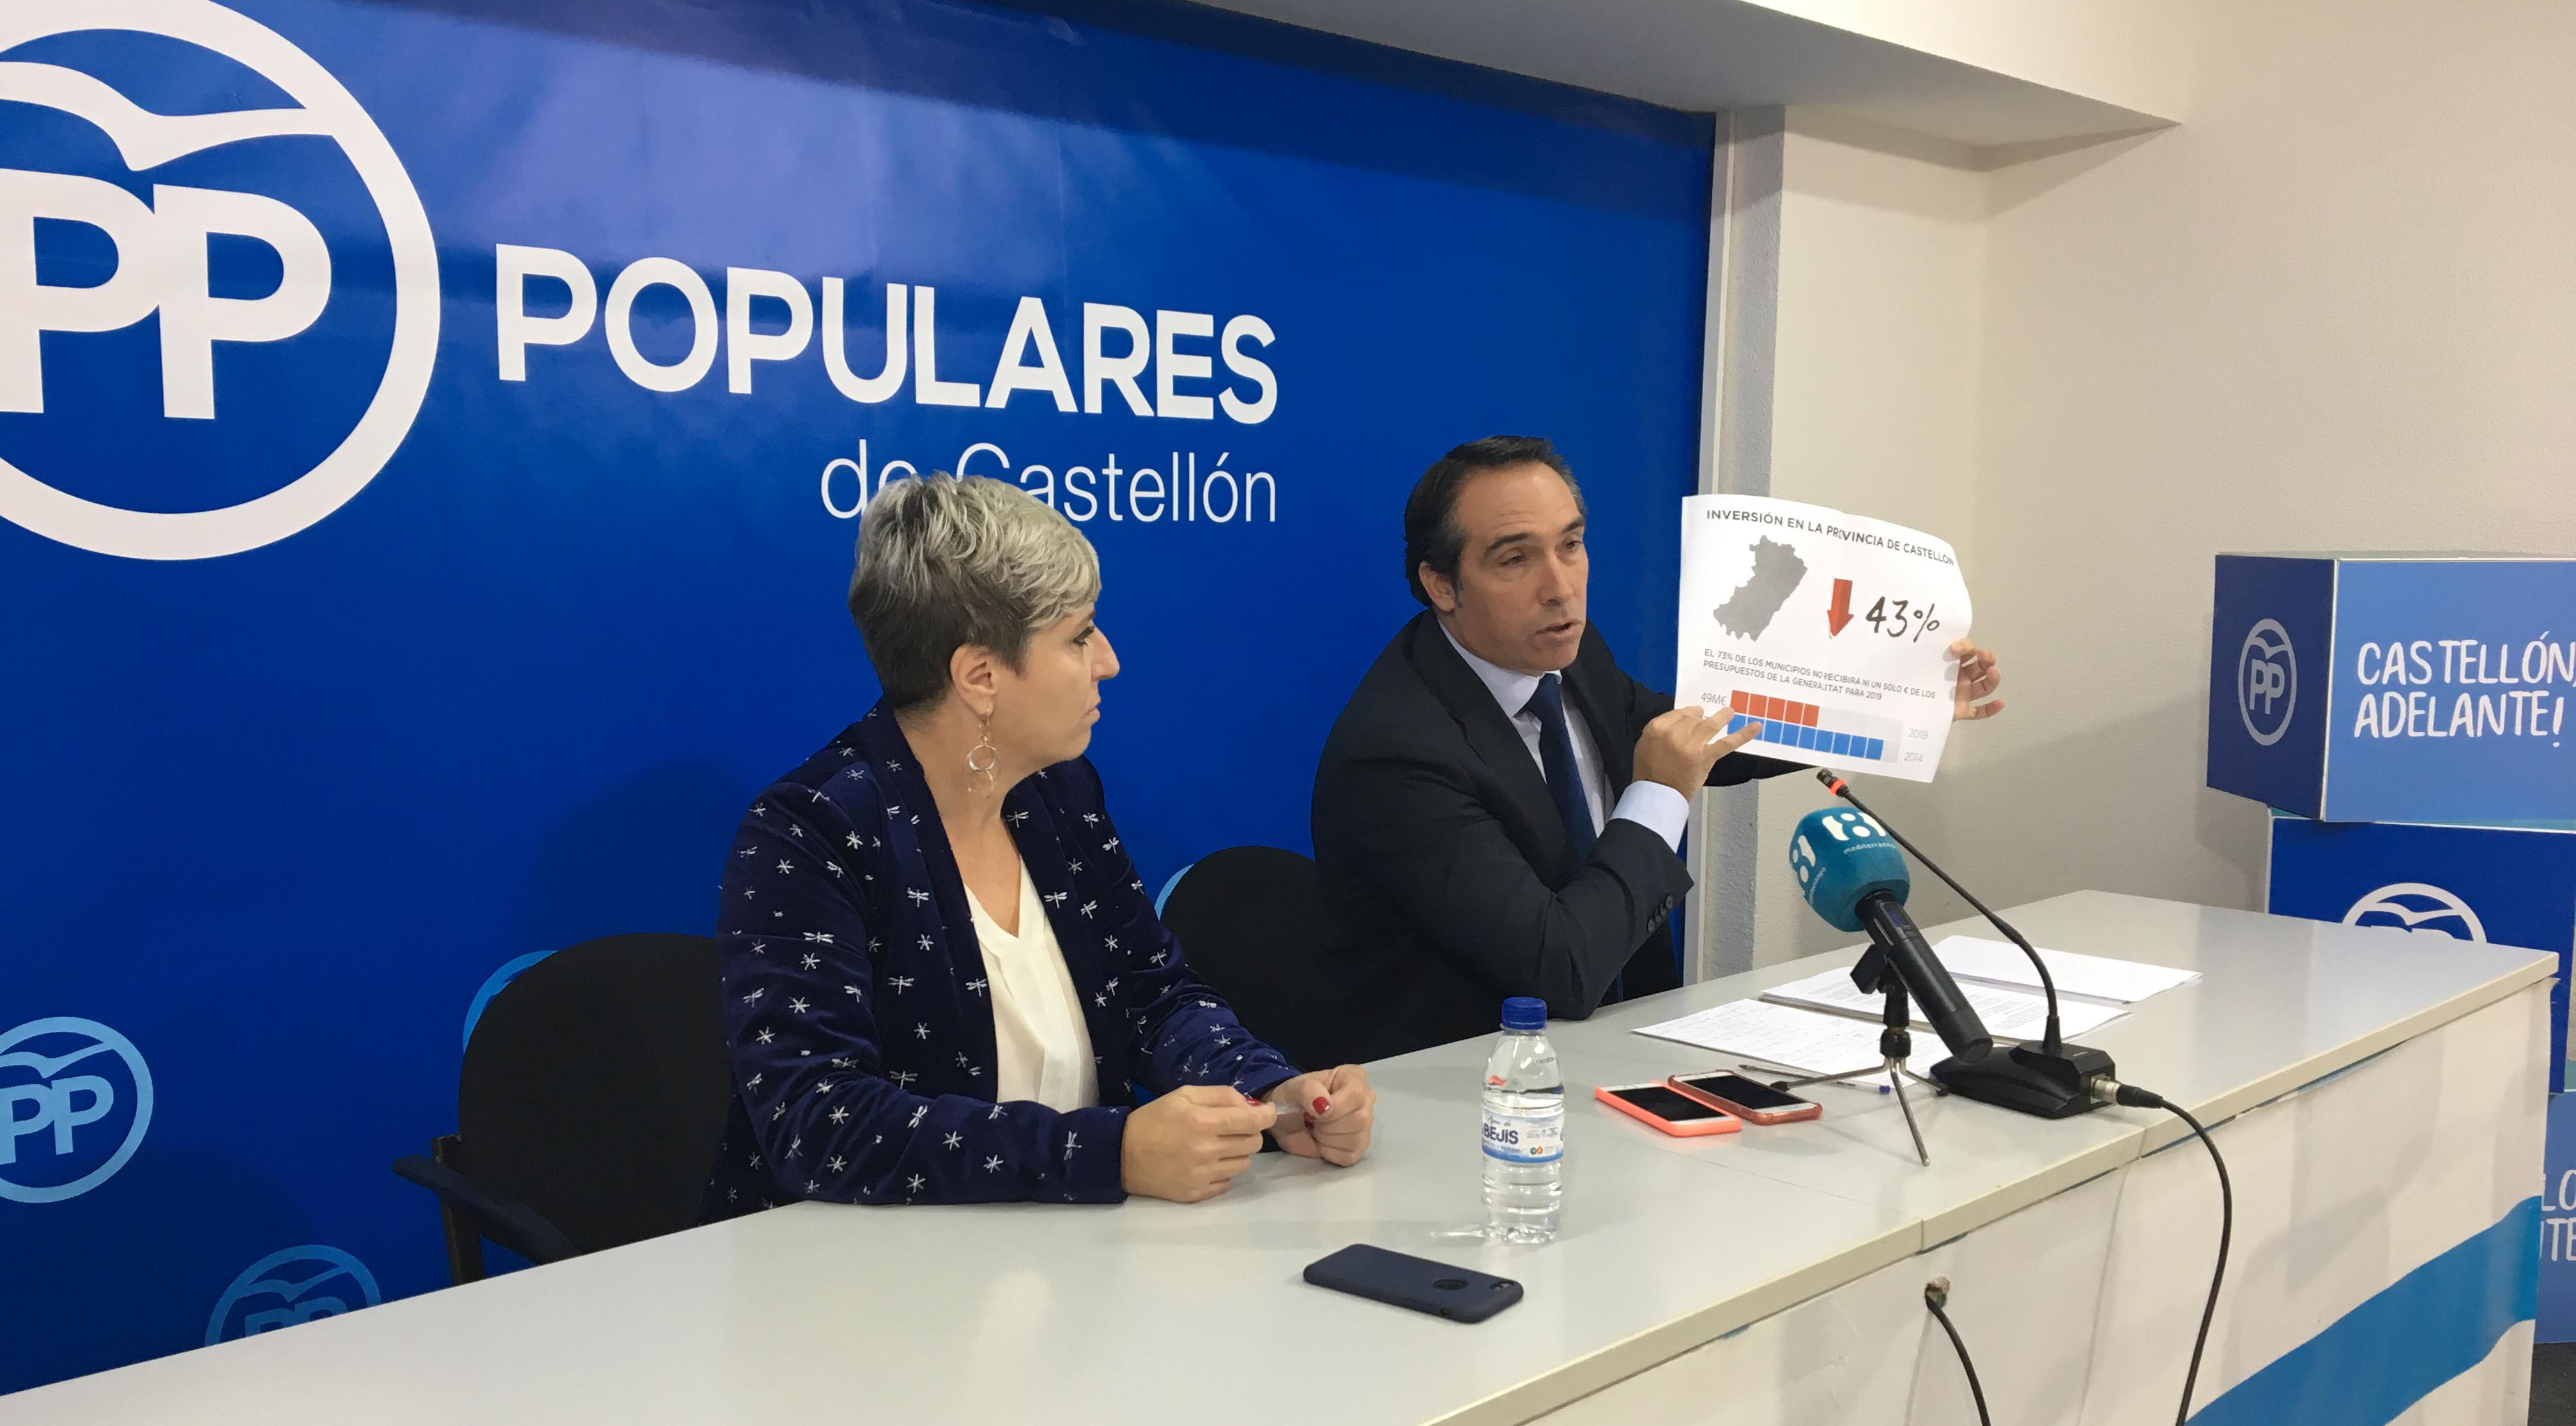 El PP de Castelló assegura que els Pressupostos de la Generalitat suposaran un descens del 43% d'inversions per a la província